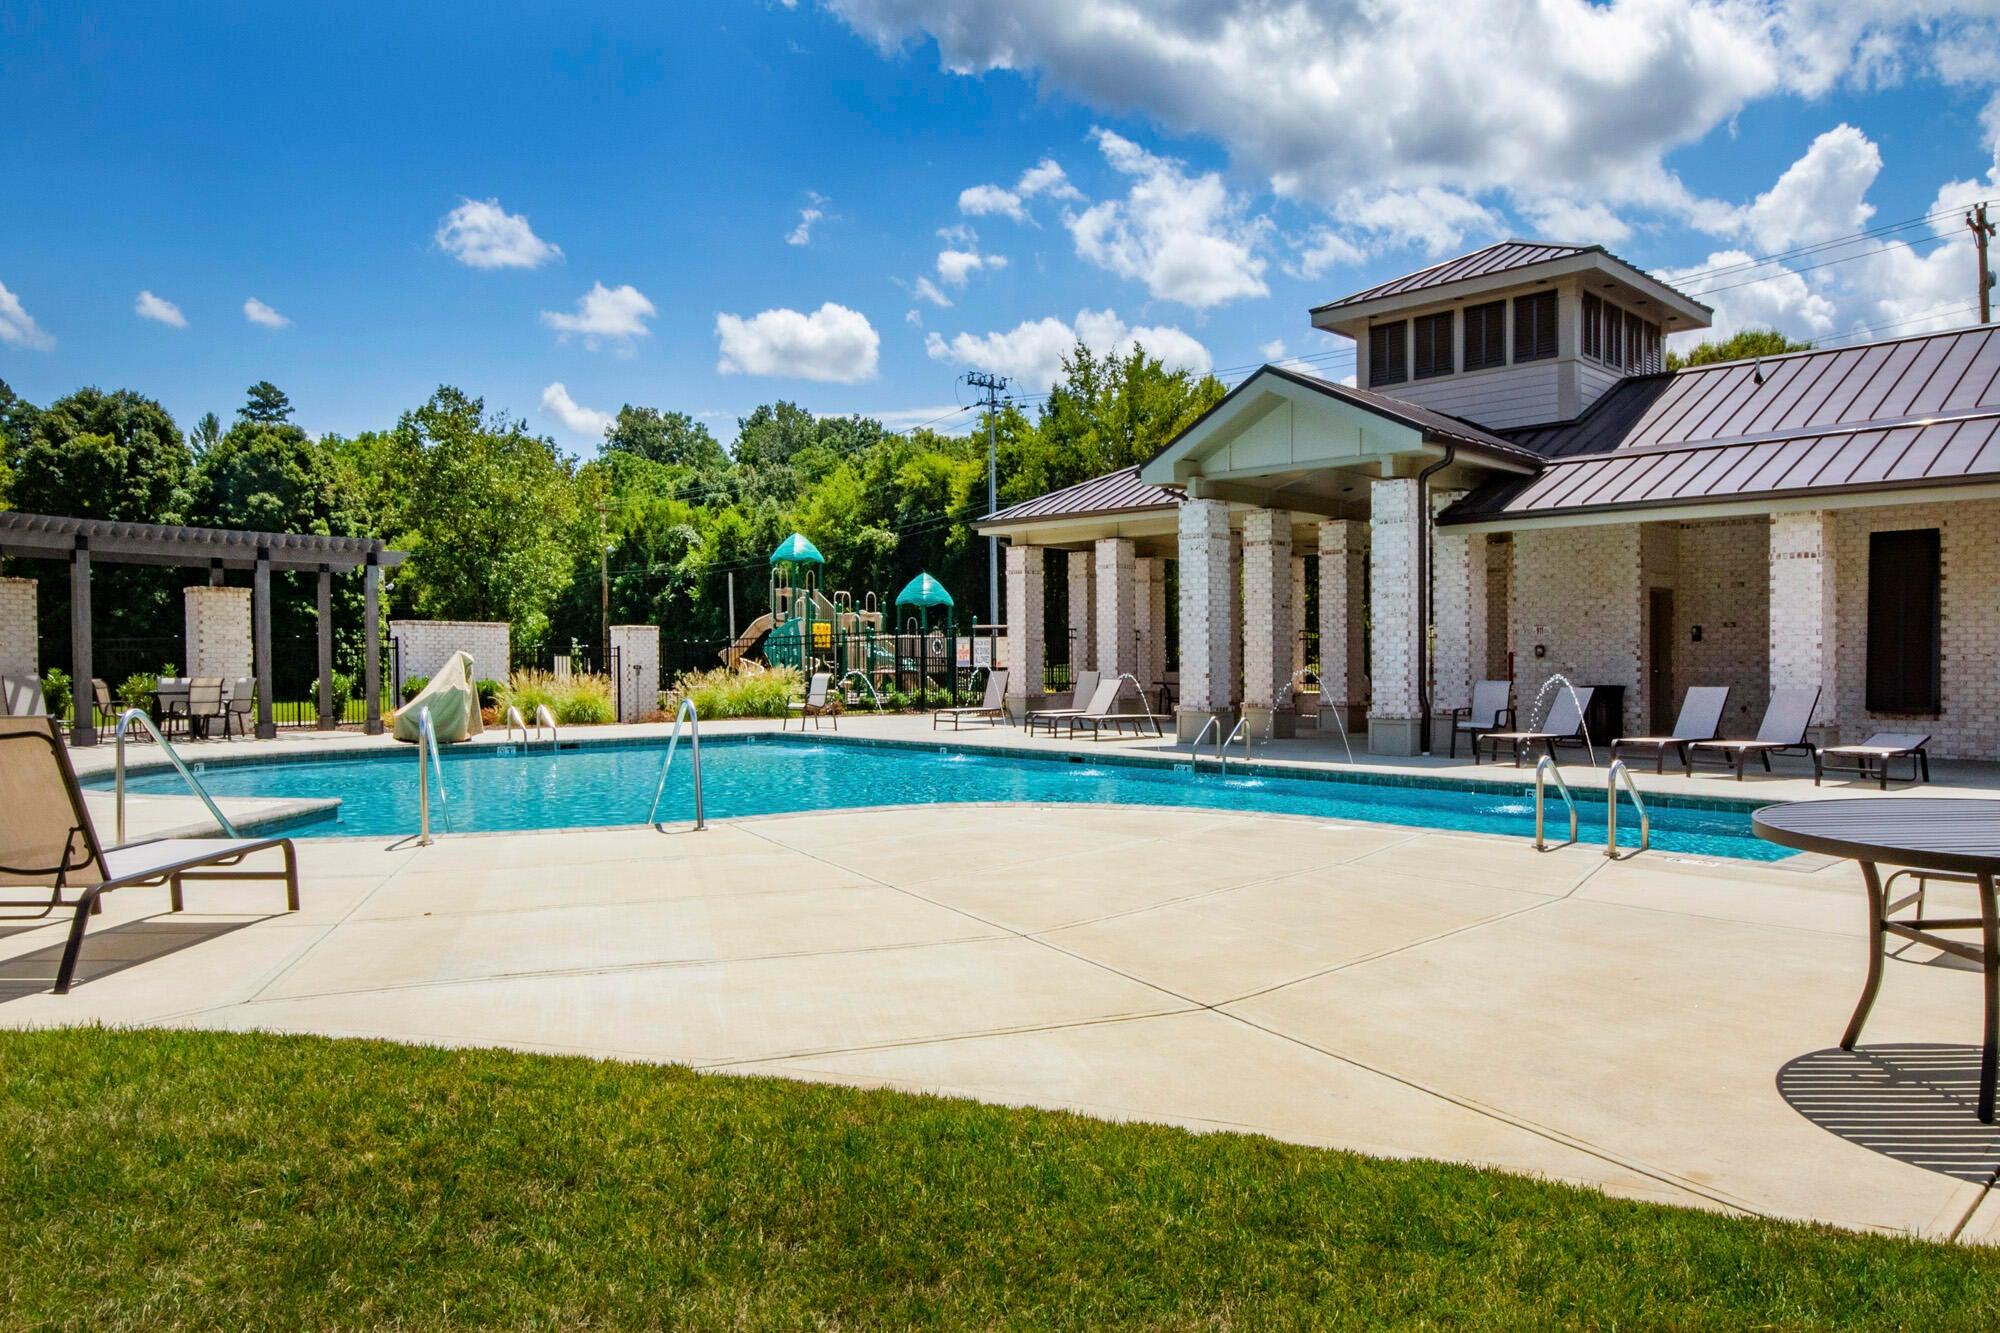 Brookmere Community pool